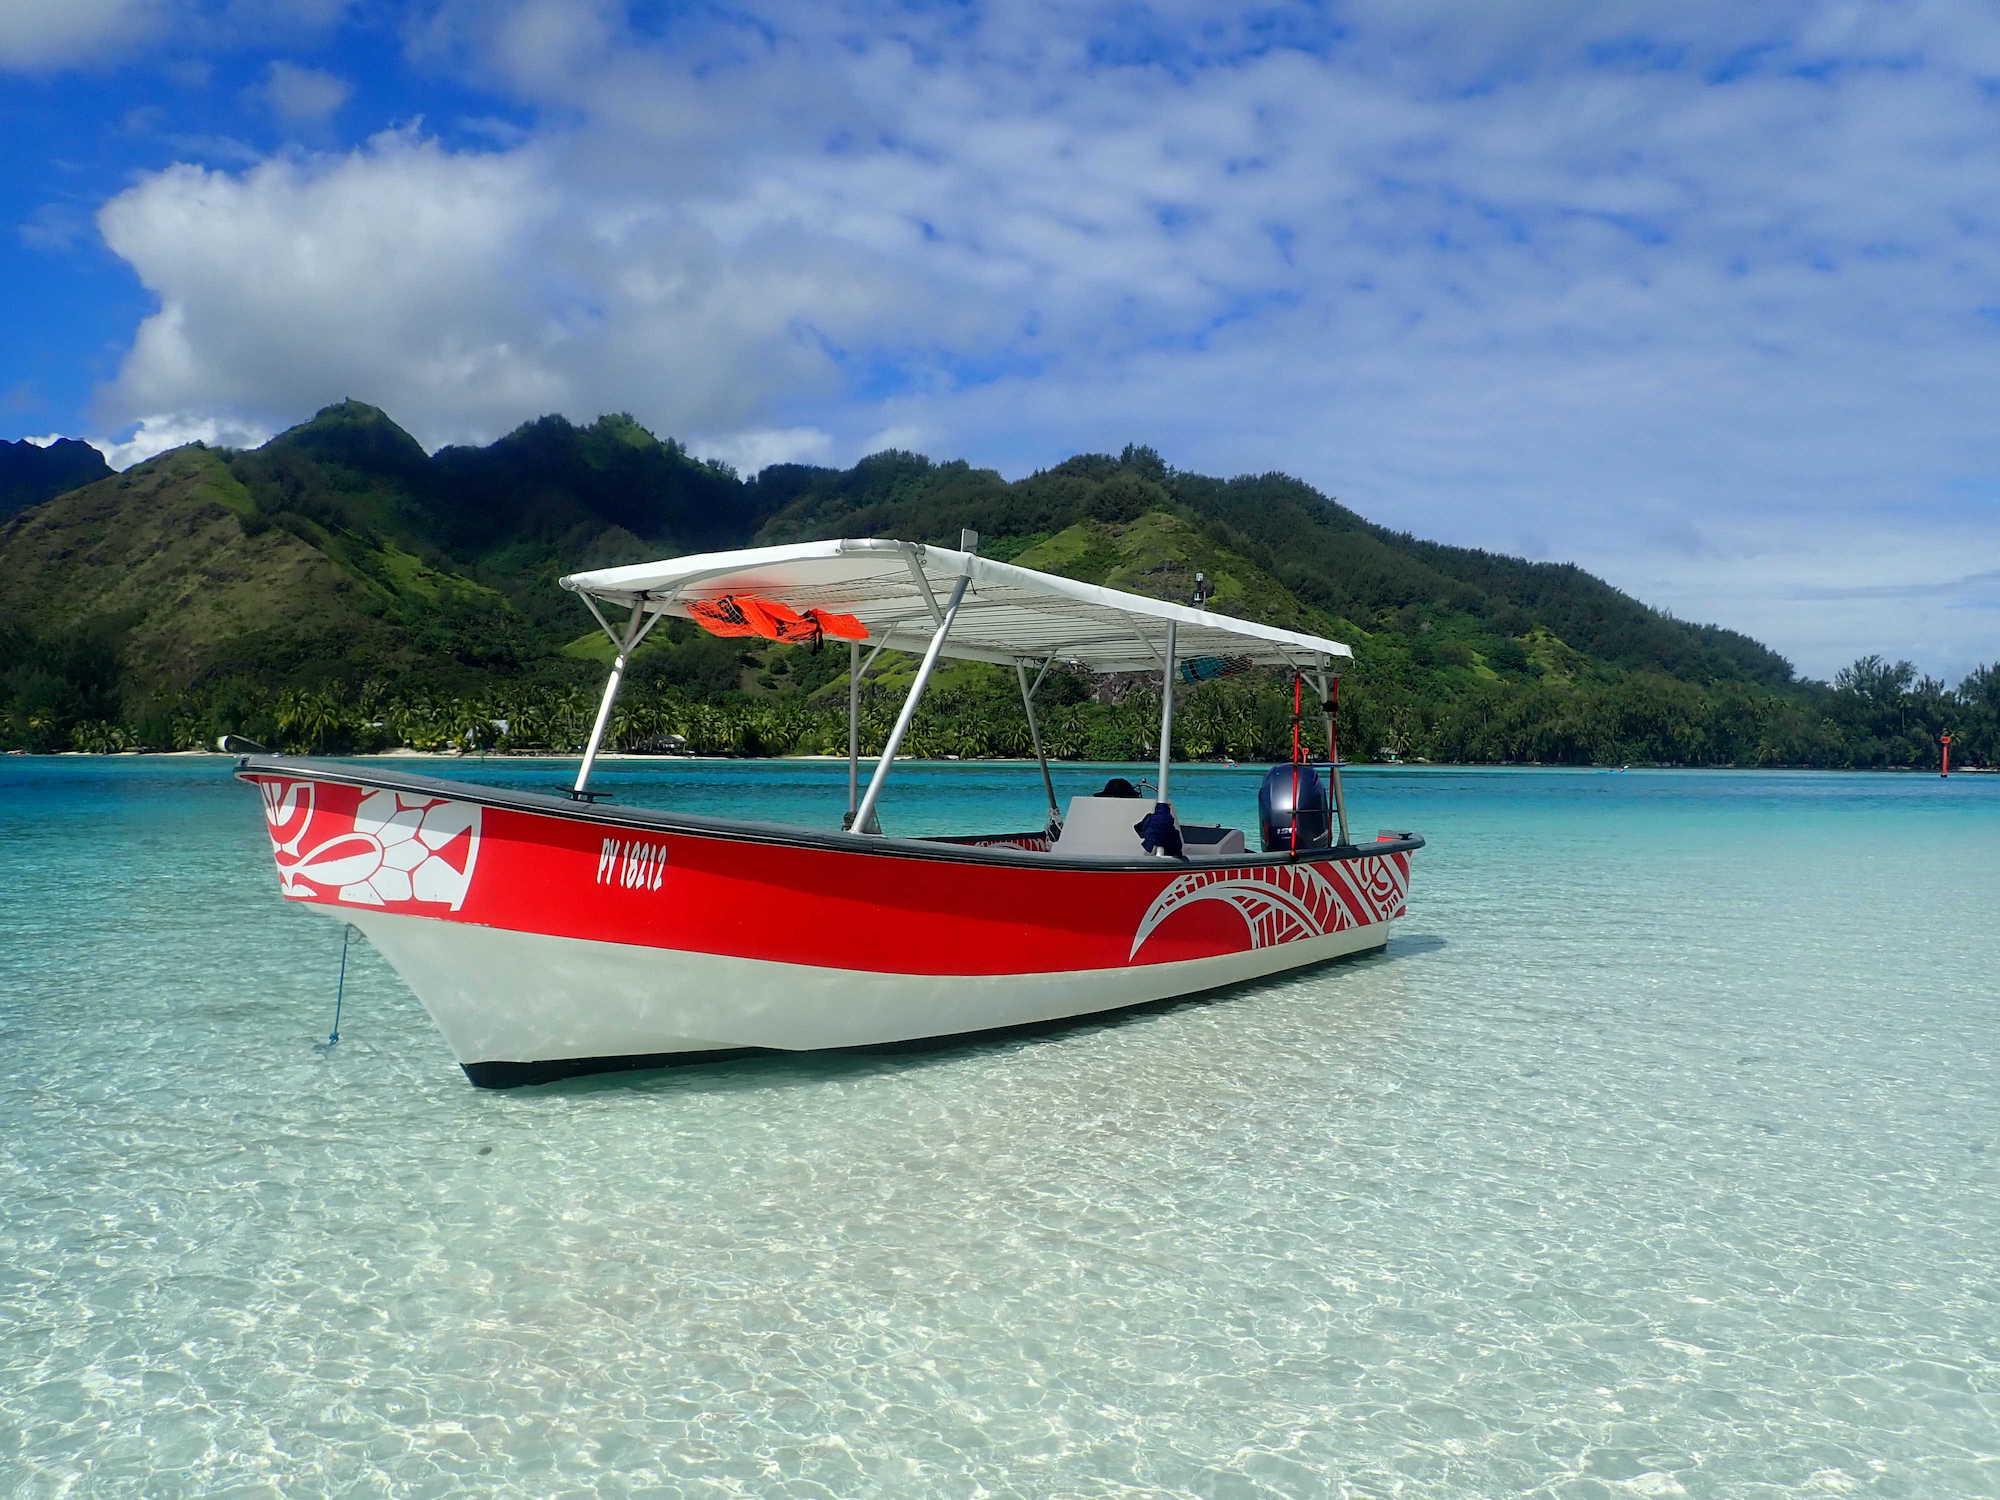 https://tahititourisme.es/wp-content/uploads/2020/09/Boat-Hinaloa.jpg